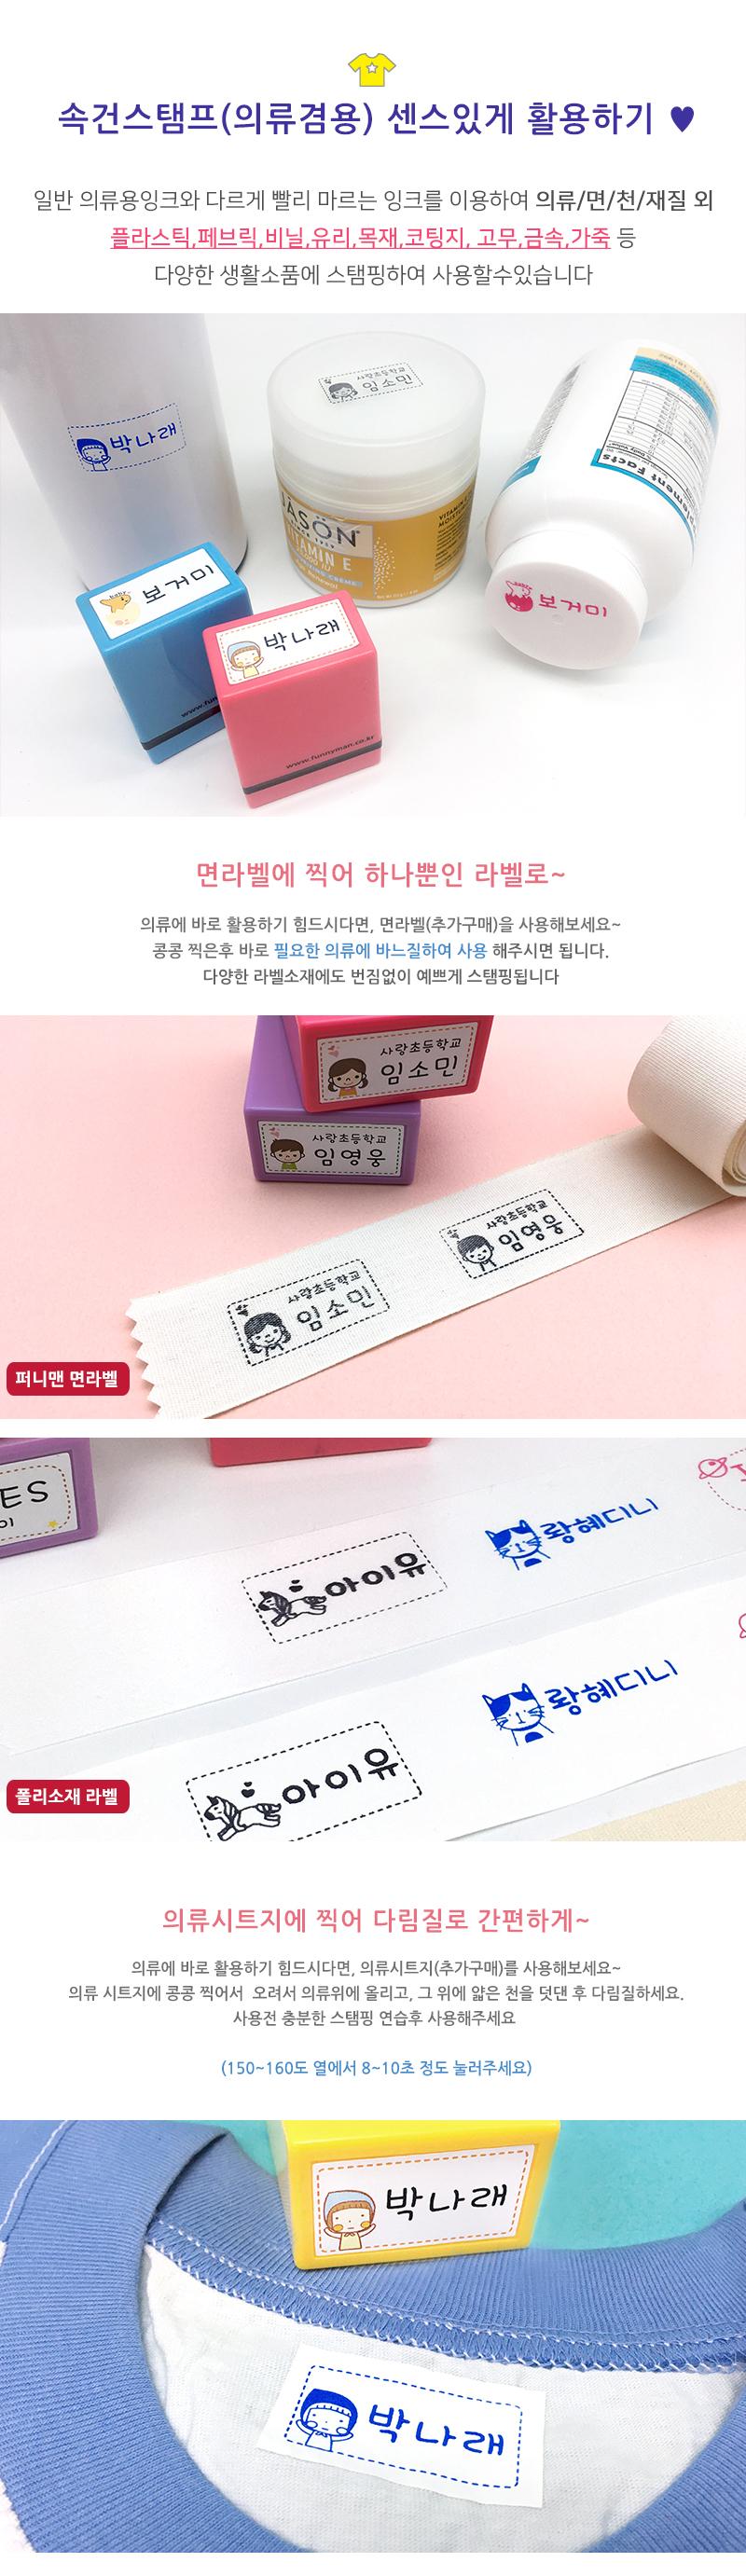 속건 의류 직사각(소) 스탬프 도장  제작 쿠폰 만년 - 퍼니맨, 16,000원, 스탬프, 주문제작스탬프